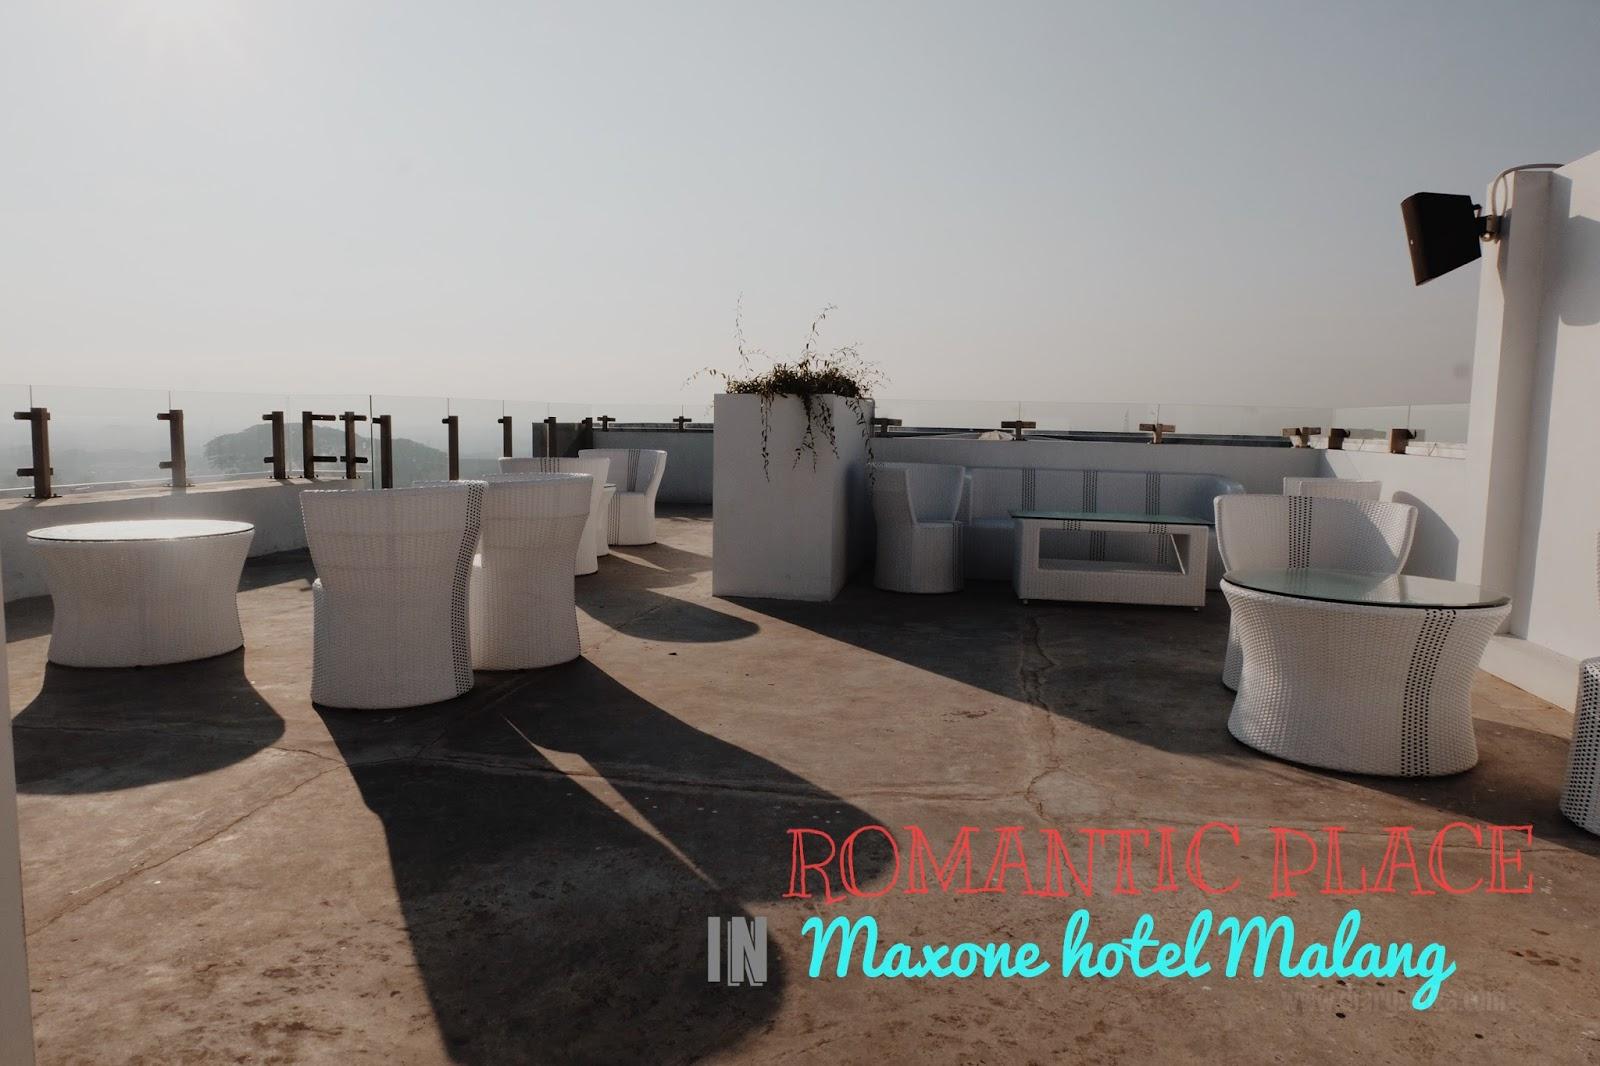 Hotel Review Warna Warni Di Max One Hotel Malang Diarysivika Food Travel And Lifestyle